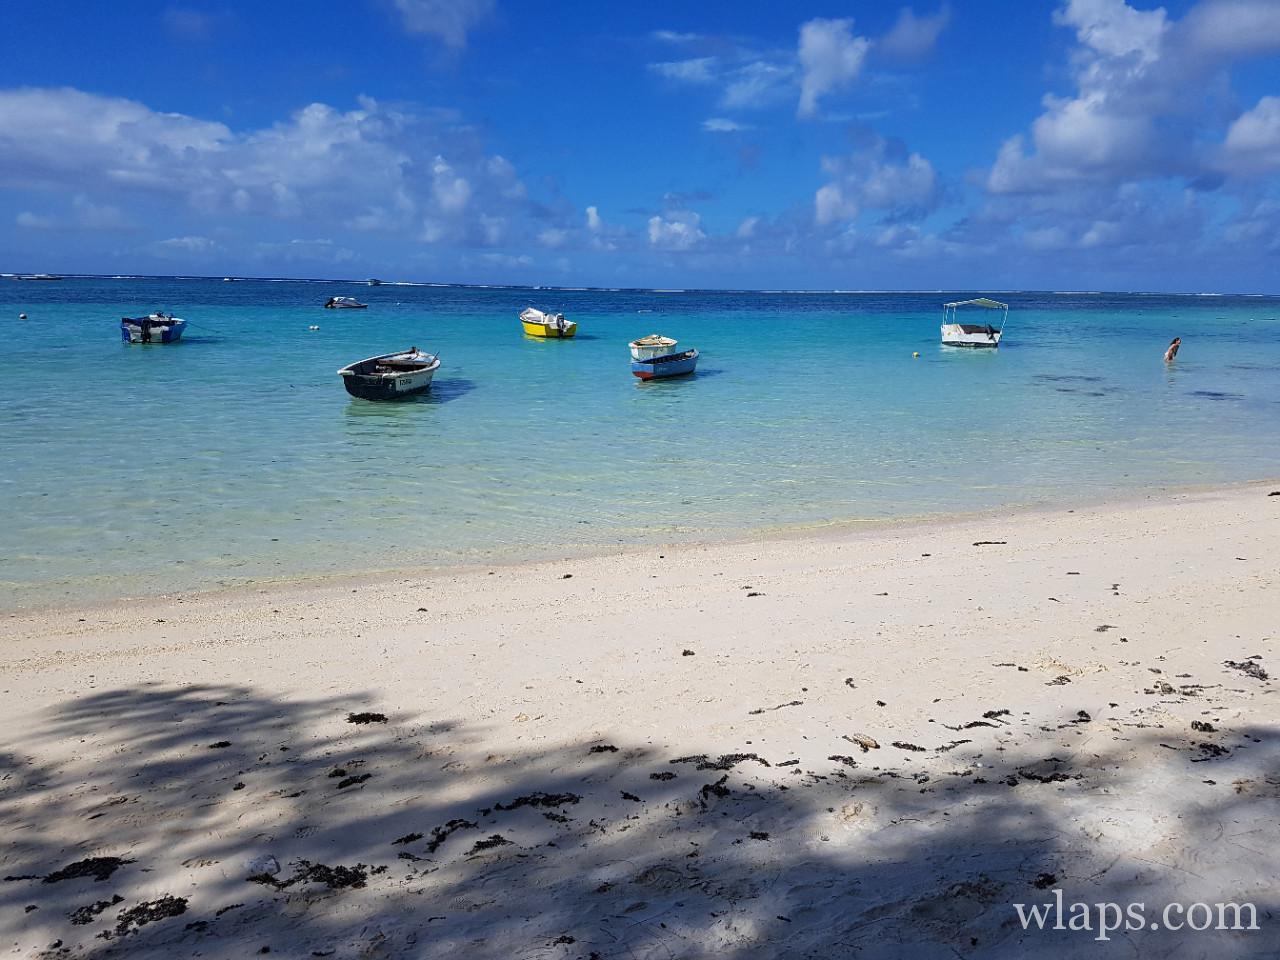 les barques à La plage de Belle Mare à l'est de l'île Maurice